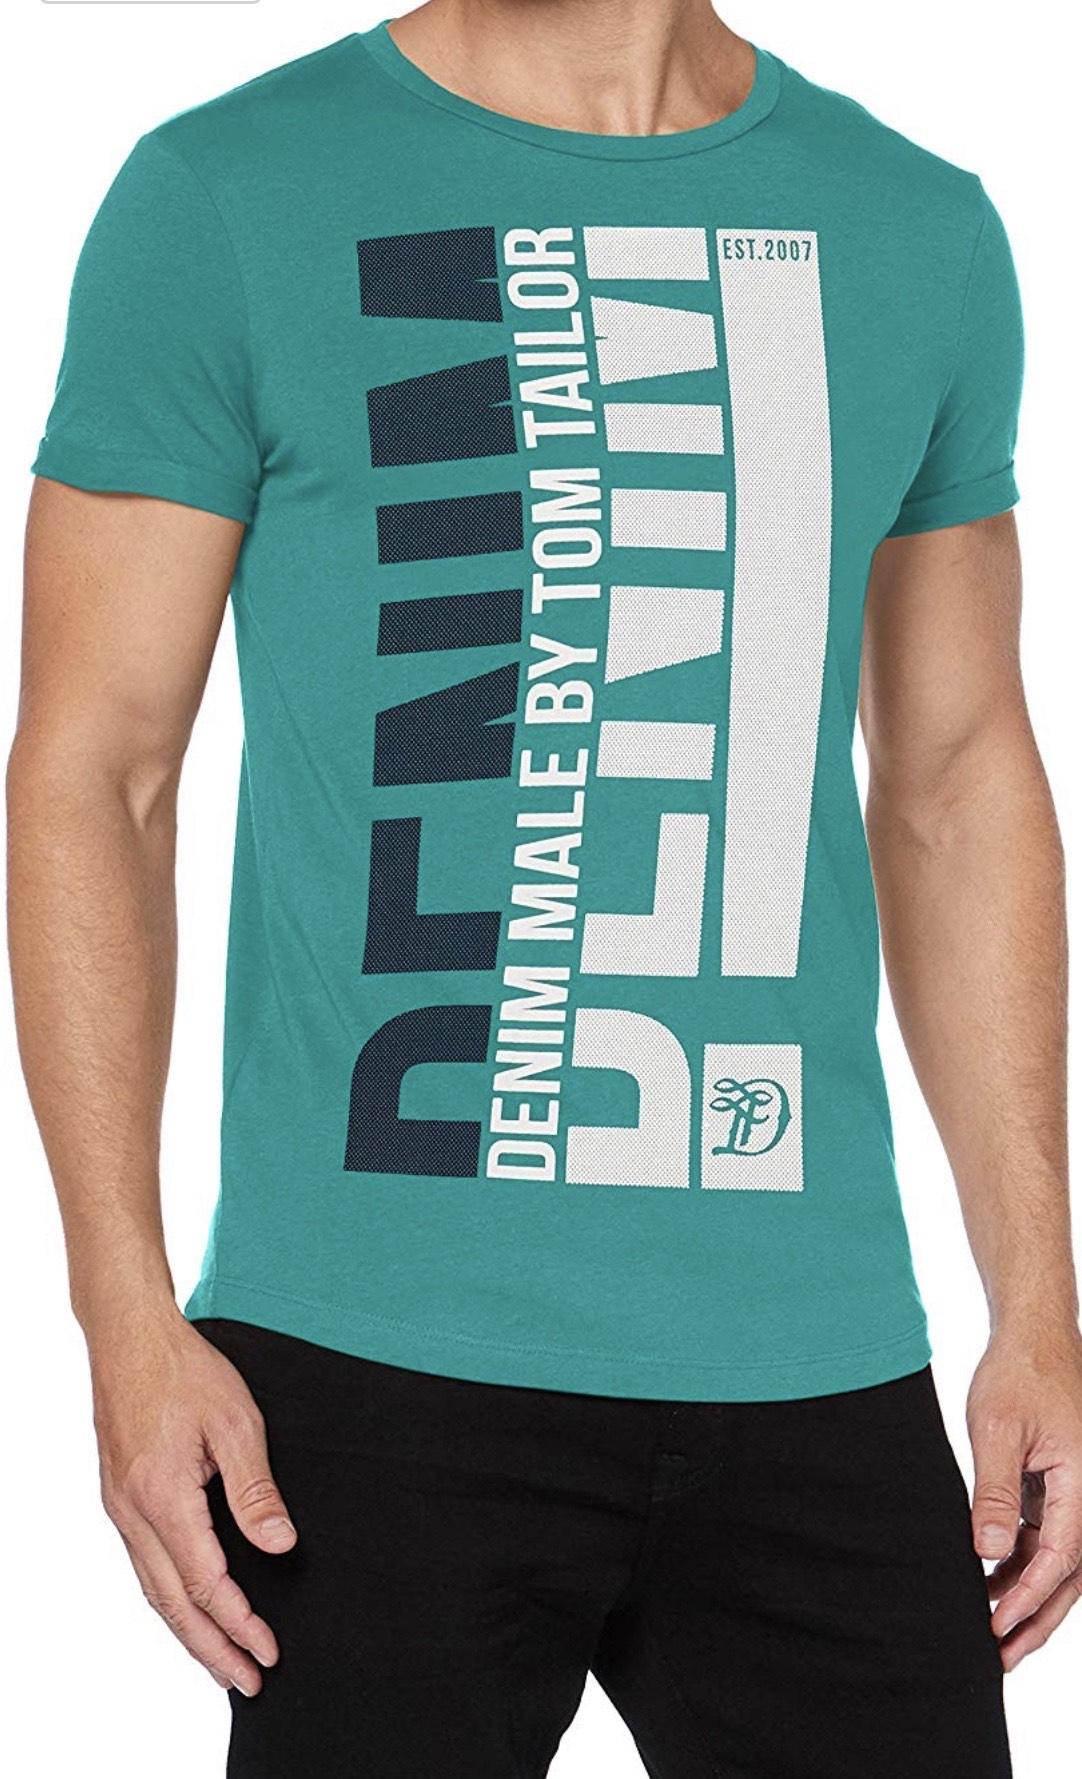 Tom Tailor Denim Print Camiseta para Hombre (Producto Plus)